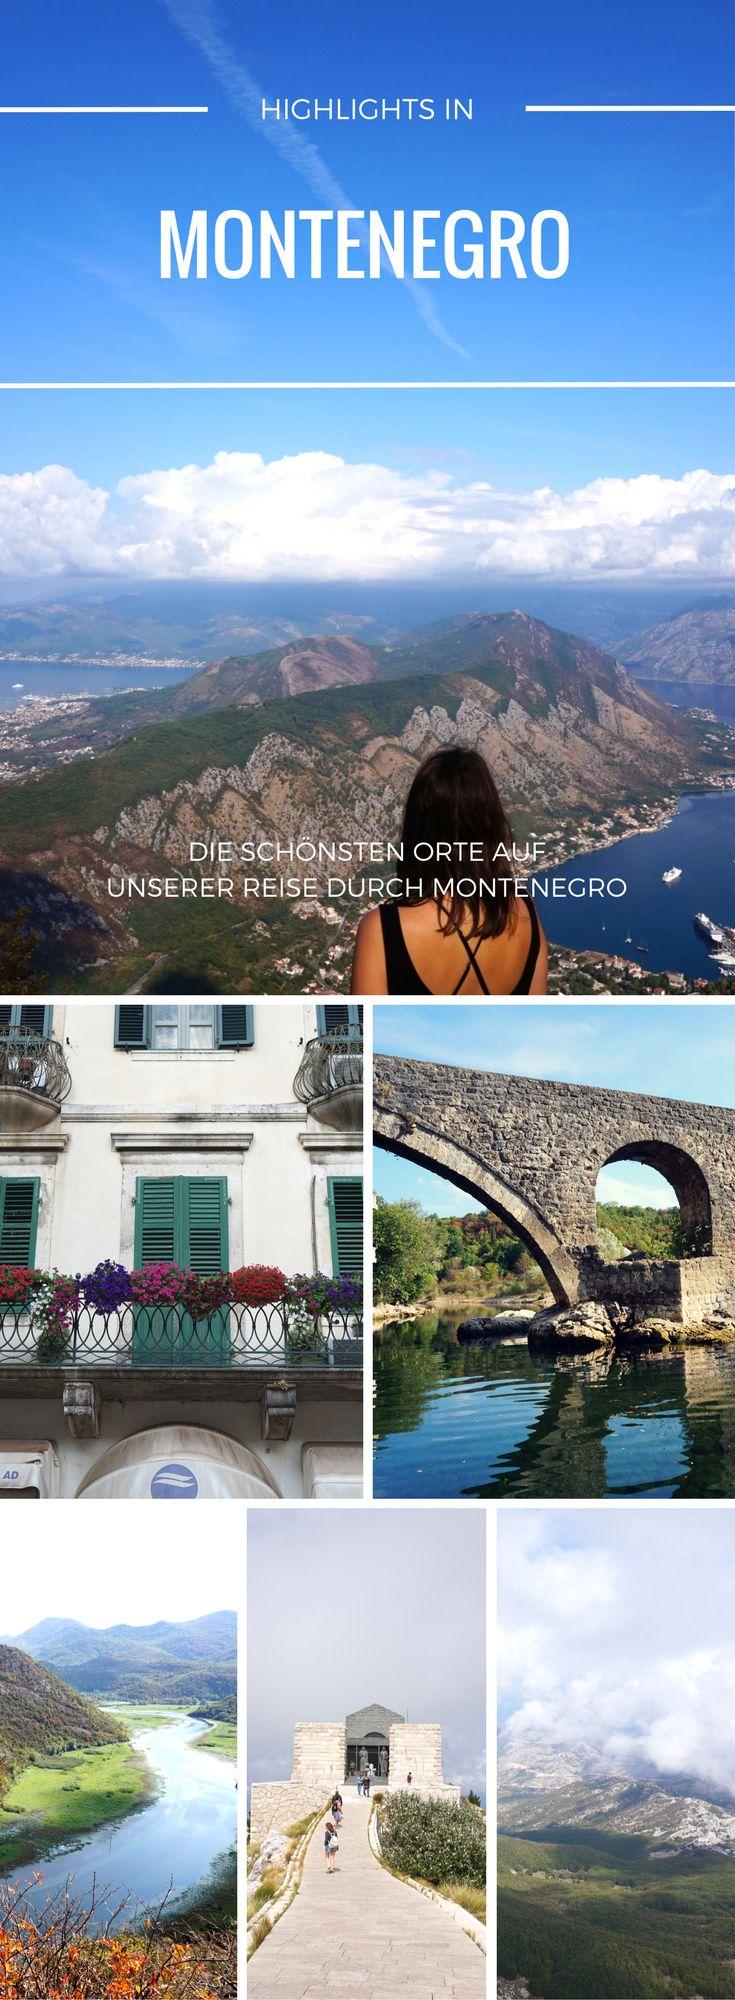 Reisebericht: Highlights in Montenegro – verliebe dich in das unbekannte Europa – Worldonabudget Reiseblog | Reisen und Urlaub mit kleinem Budget und großen Gefühlen.